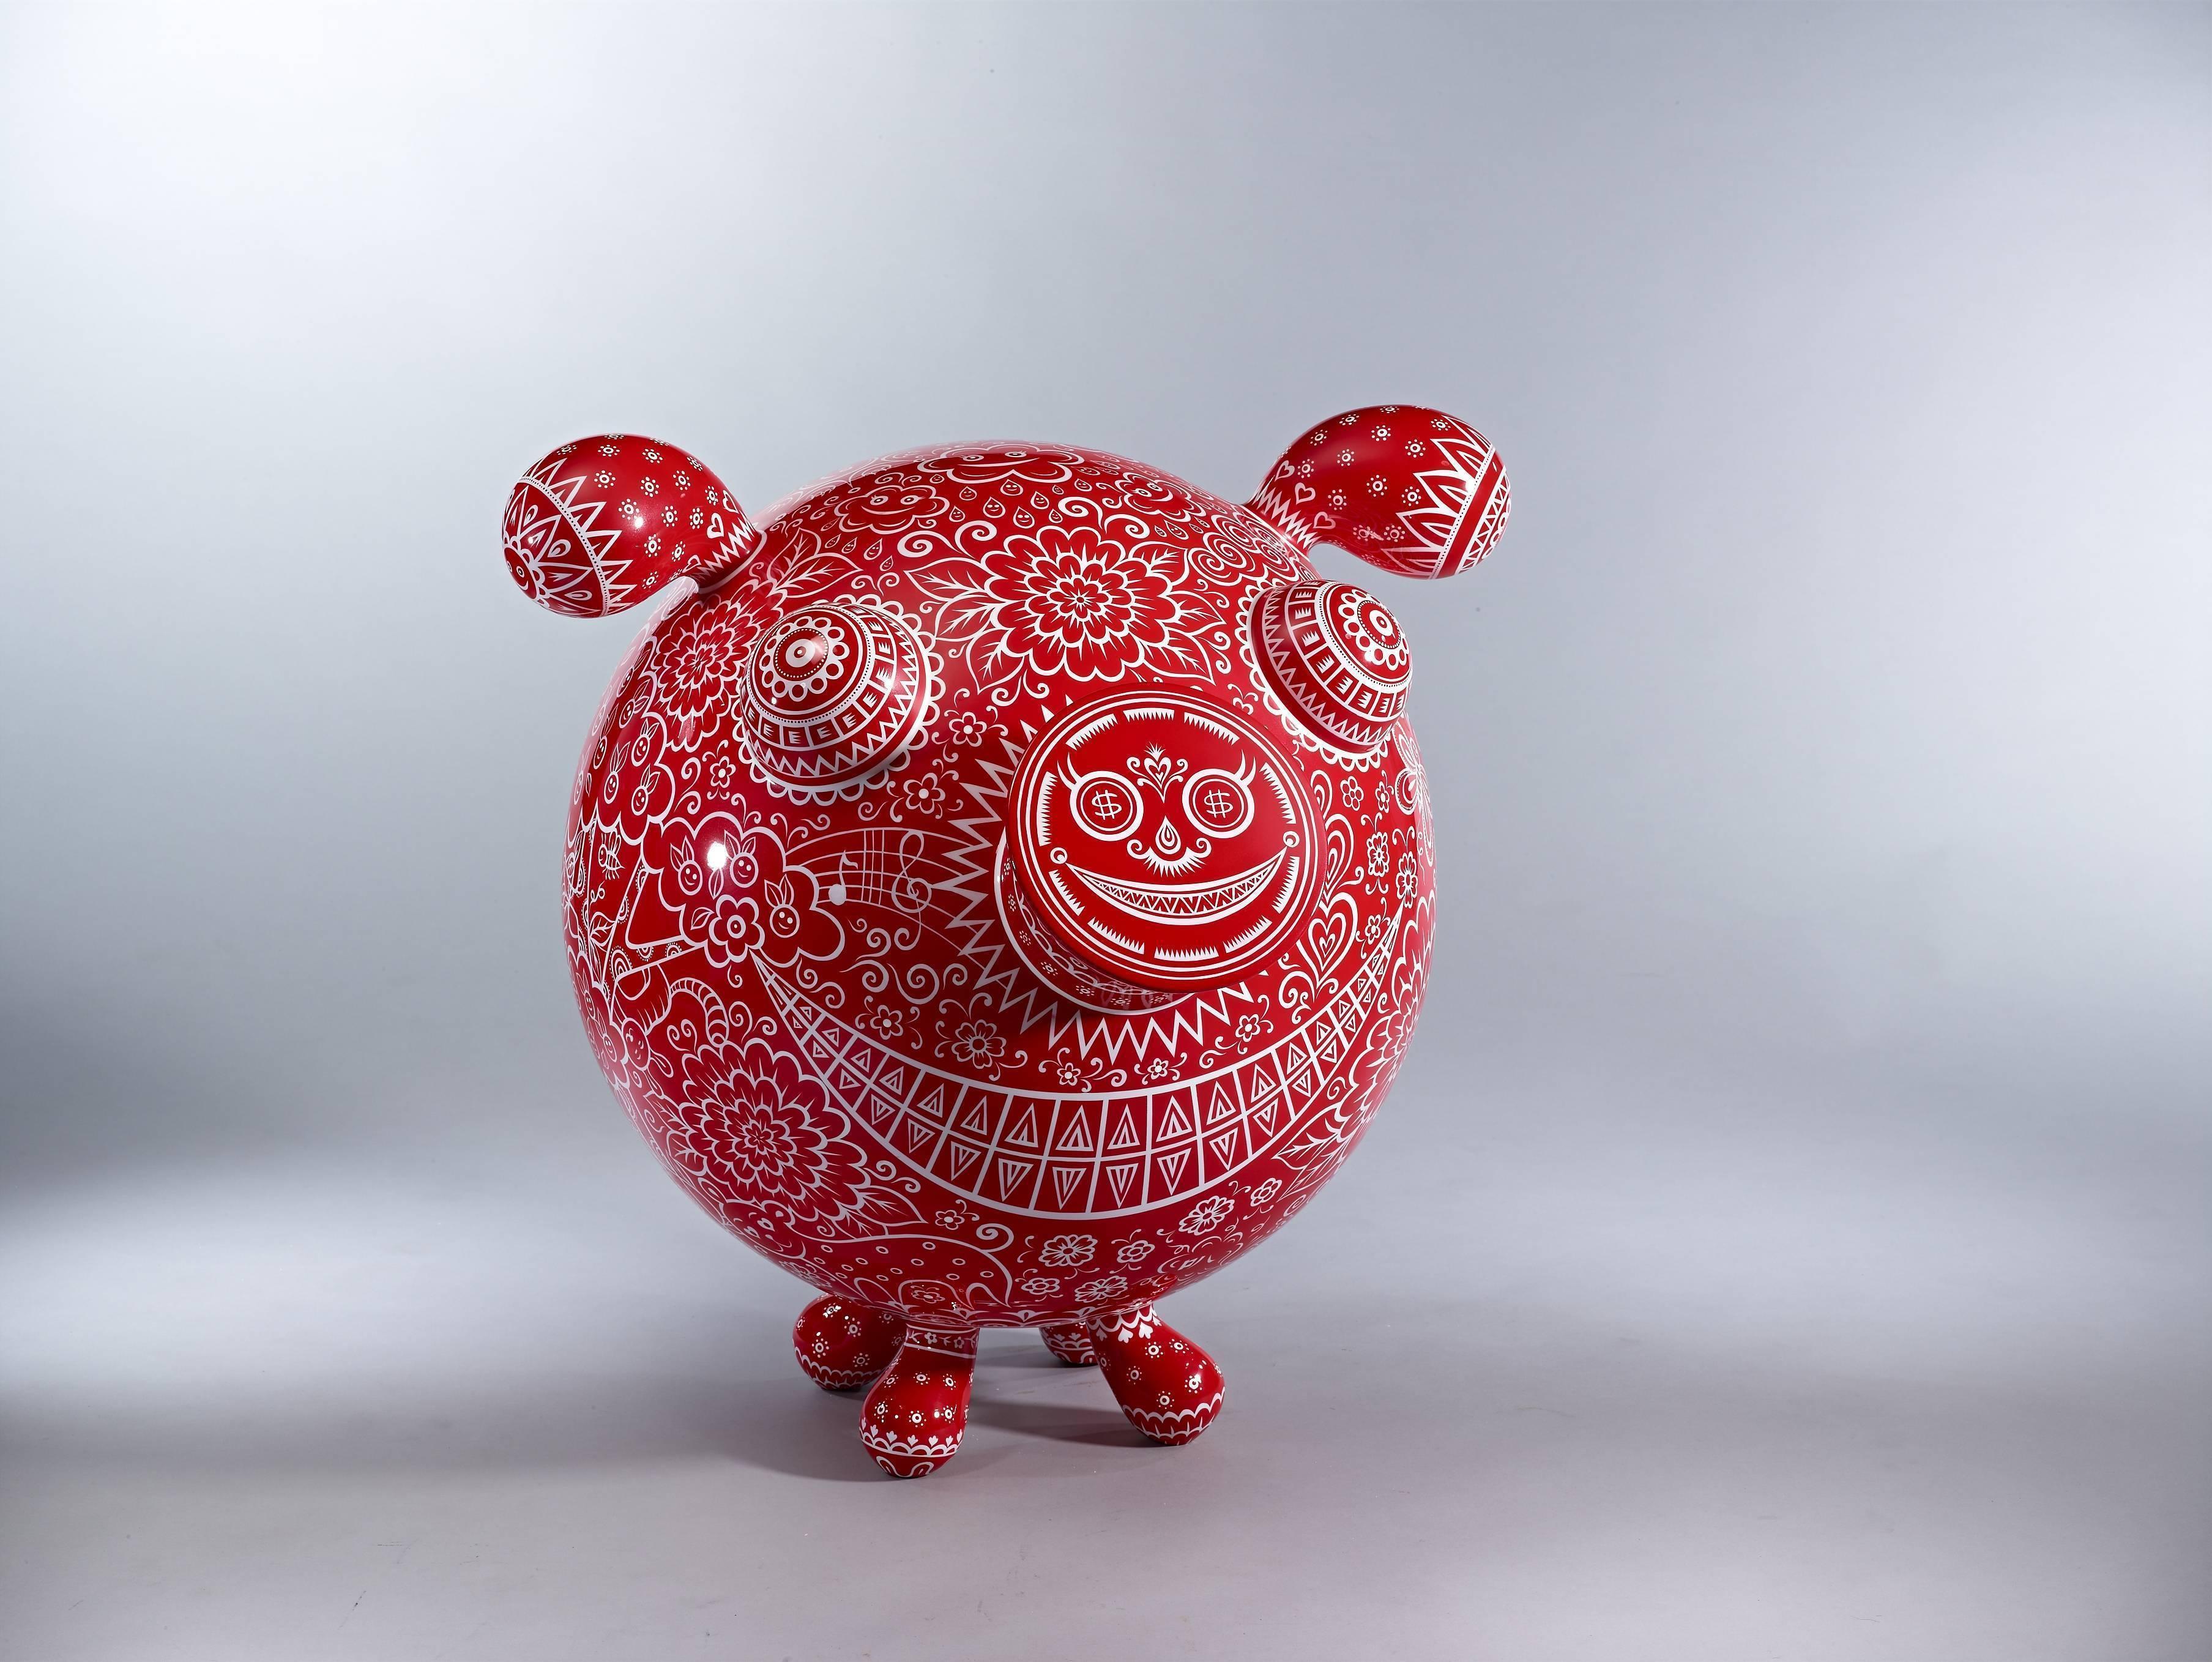 十二生肖之拾貳 圓豬 2014 鋼板彩繪 92x76x77cm